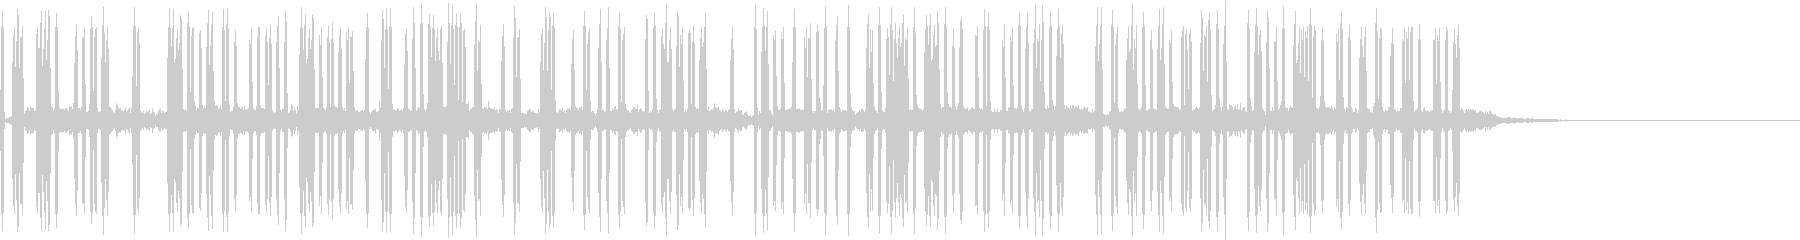 ビリビリ (漏電、電気音)の未再生の波形